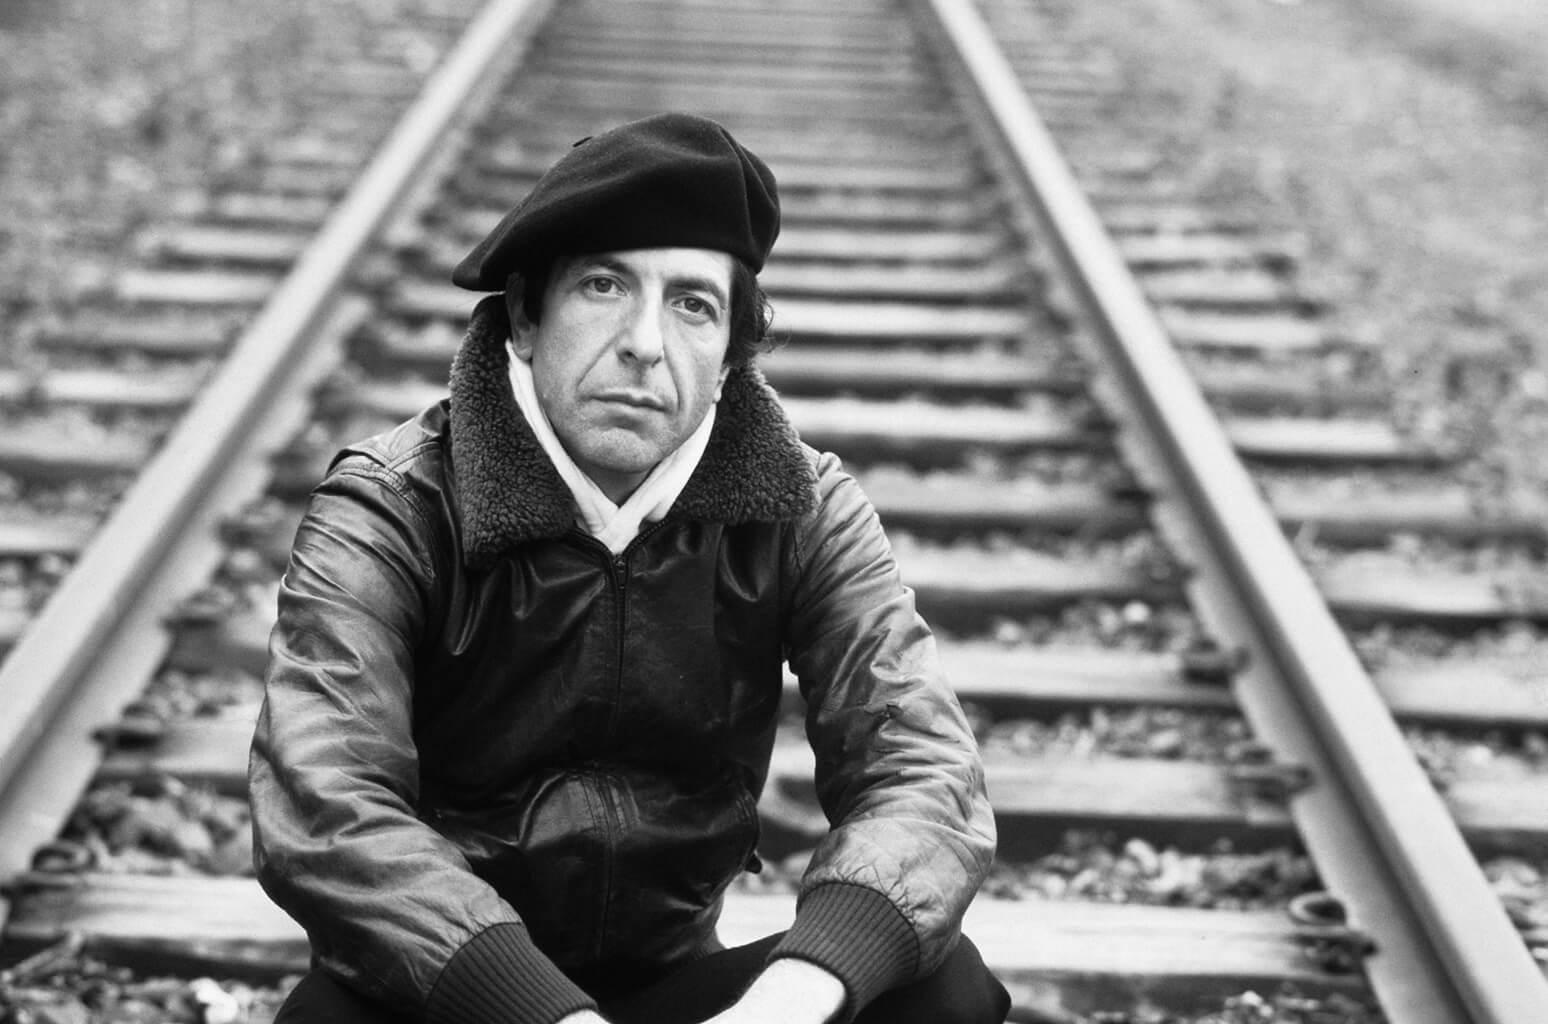 Fotografía de Leonard Cohen sentado en las Vías de un tren